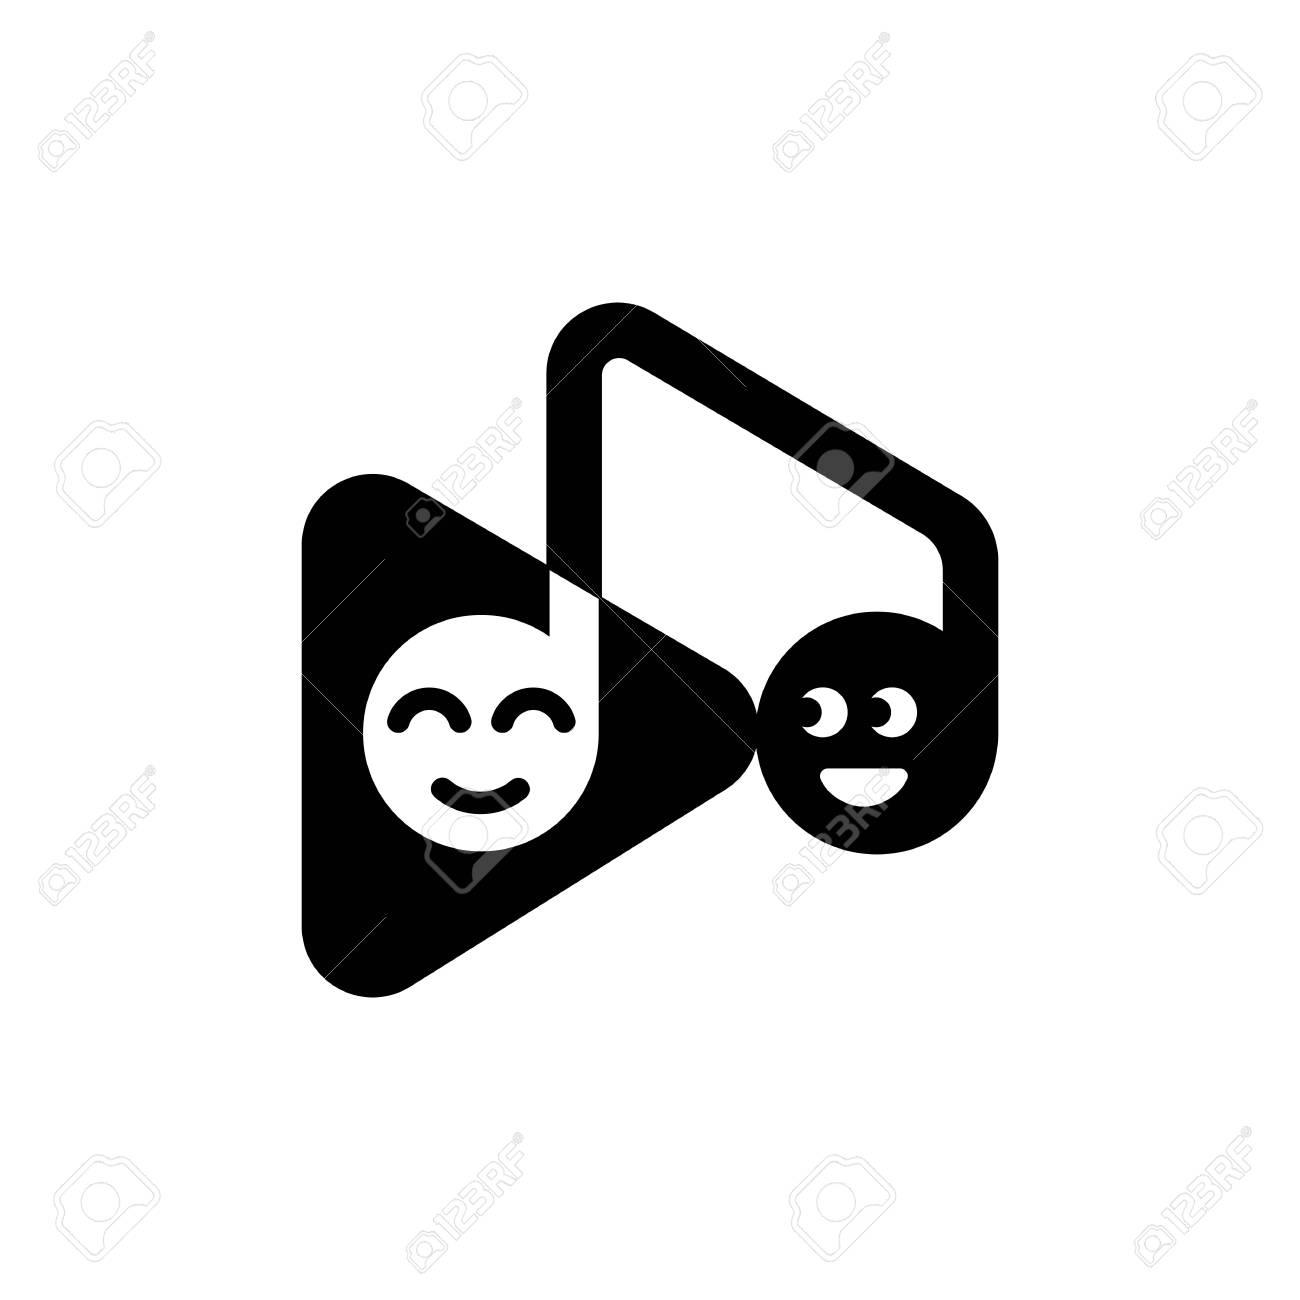 Modele De Note De Musique Et Bouton De Lecture Avec Des Emoticones Droles Clip Art Libres De Droits Vecteurs Et Illustration Image 75091147